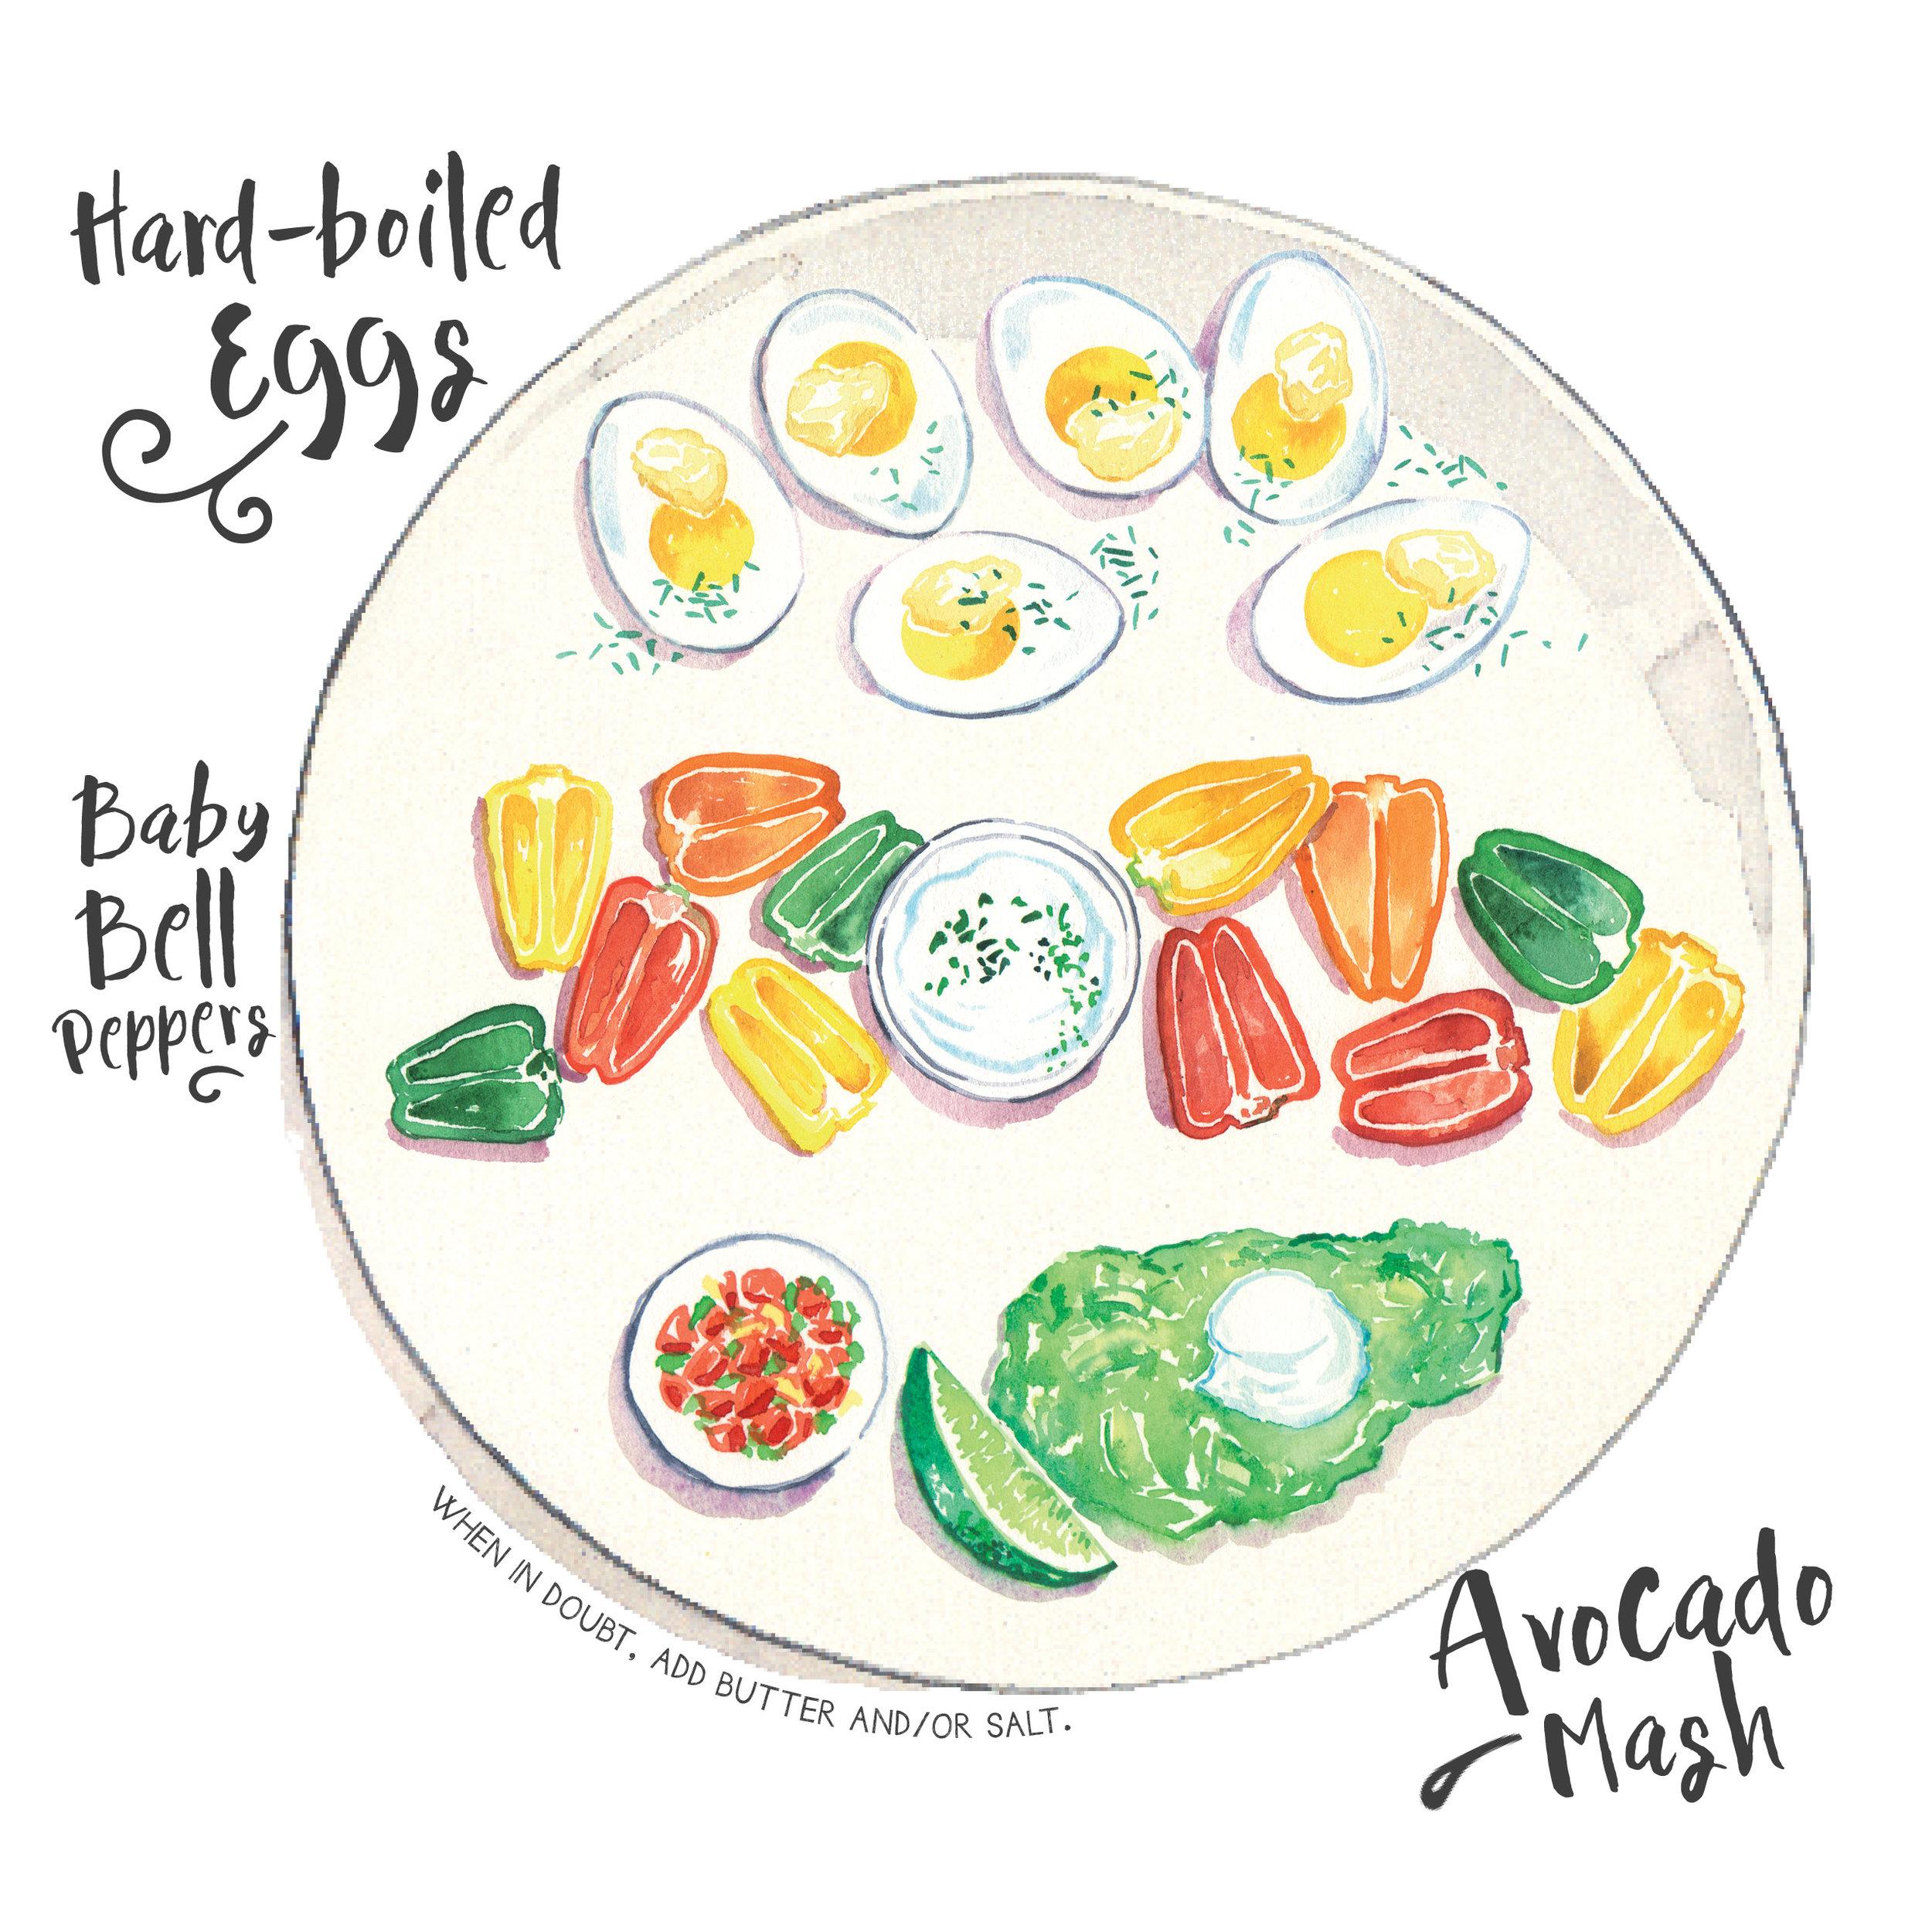 eggs bell peppers avocado mash.jpg